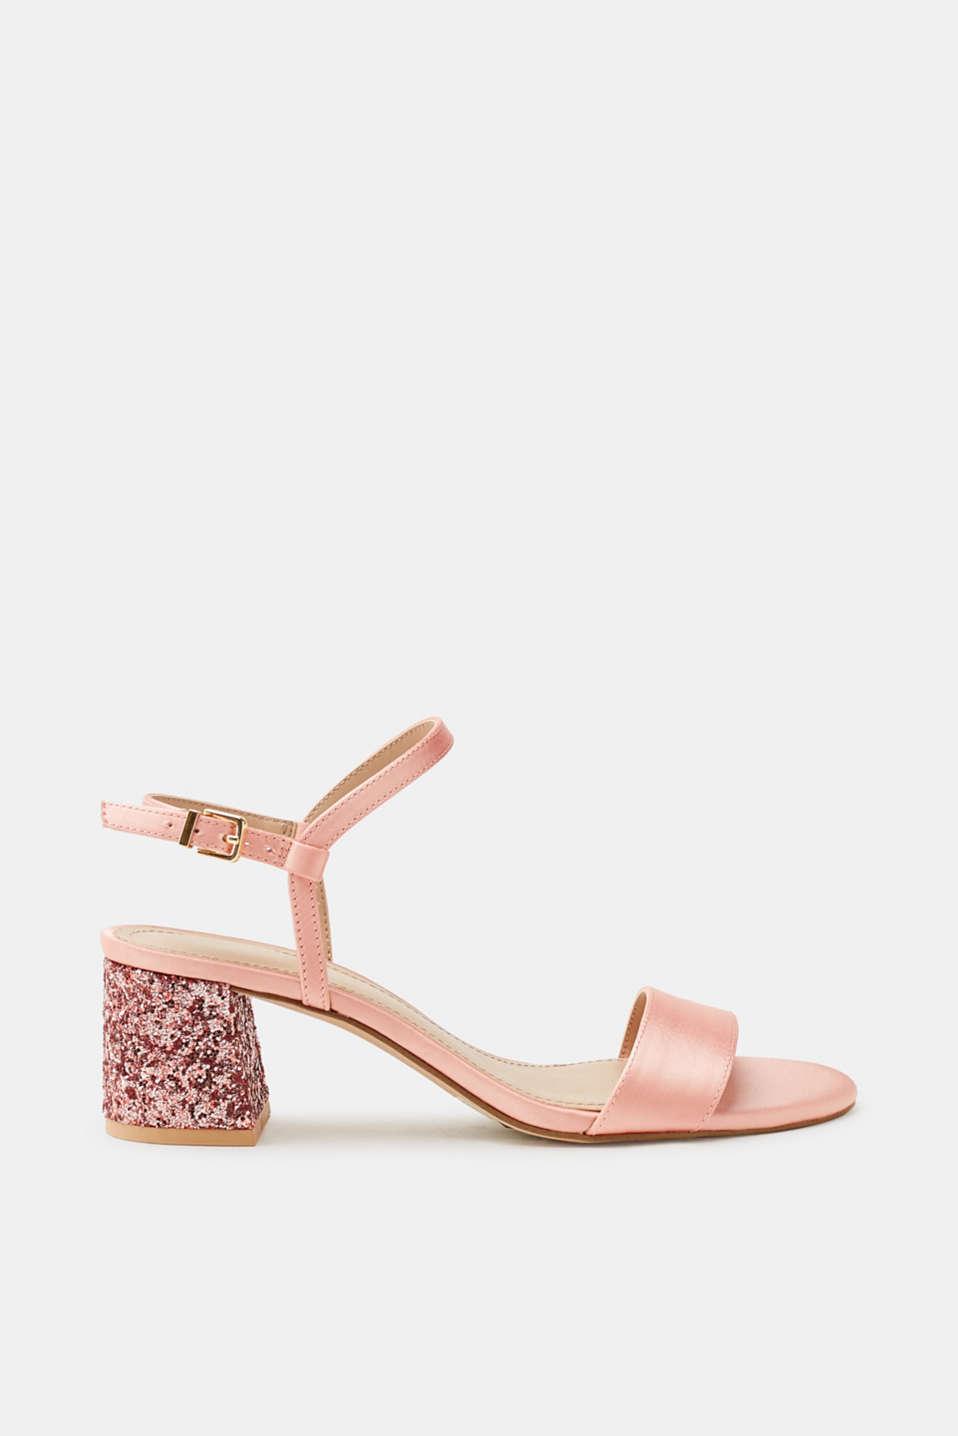 Sandales Avec Beige Paillettes Scintillantes Pour Les Femmes Esprit ApGPdZn